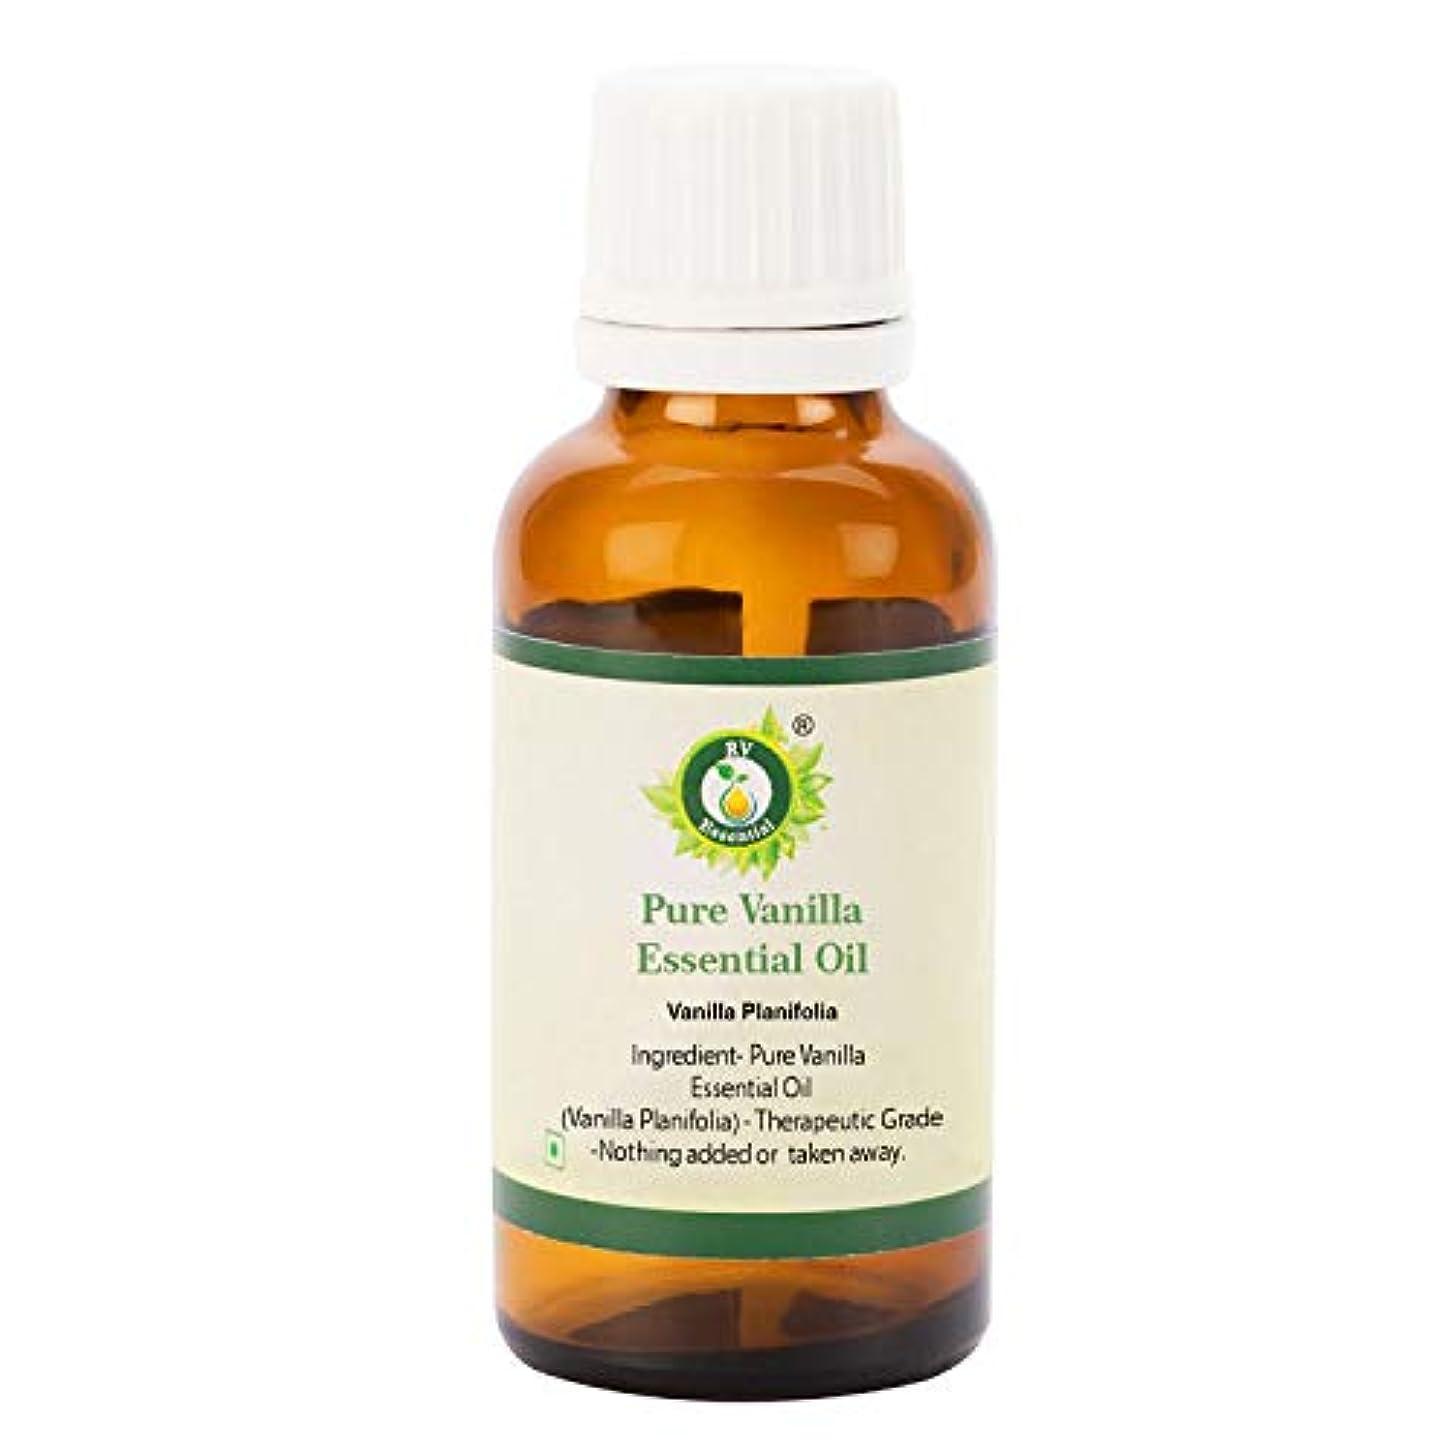 忍耐嫌がる致命的R V Essential ピュアバニラエッセンシャルオイル100ml (3.38oz)- Vanilla Planifolia (100%純粋&天然) Pure Vanilla Essential Oil